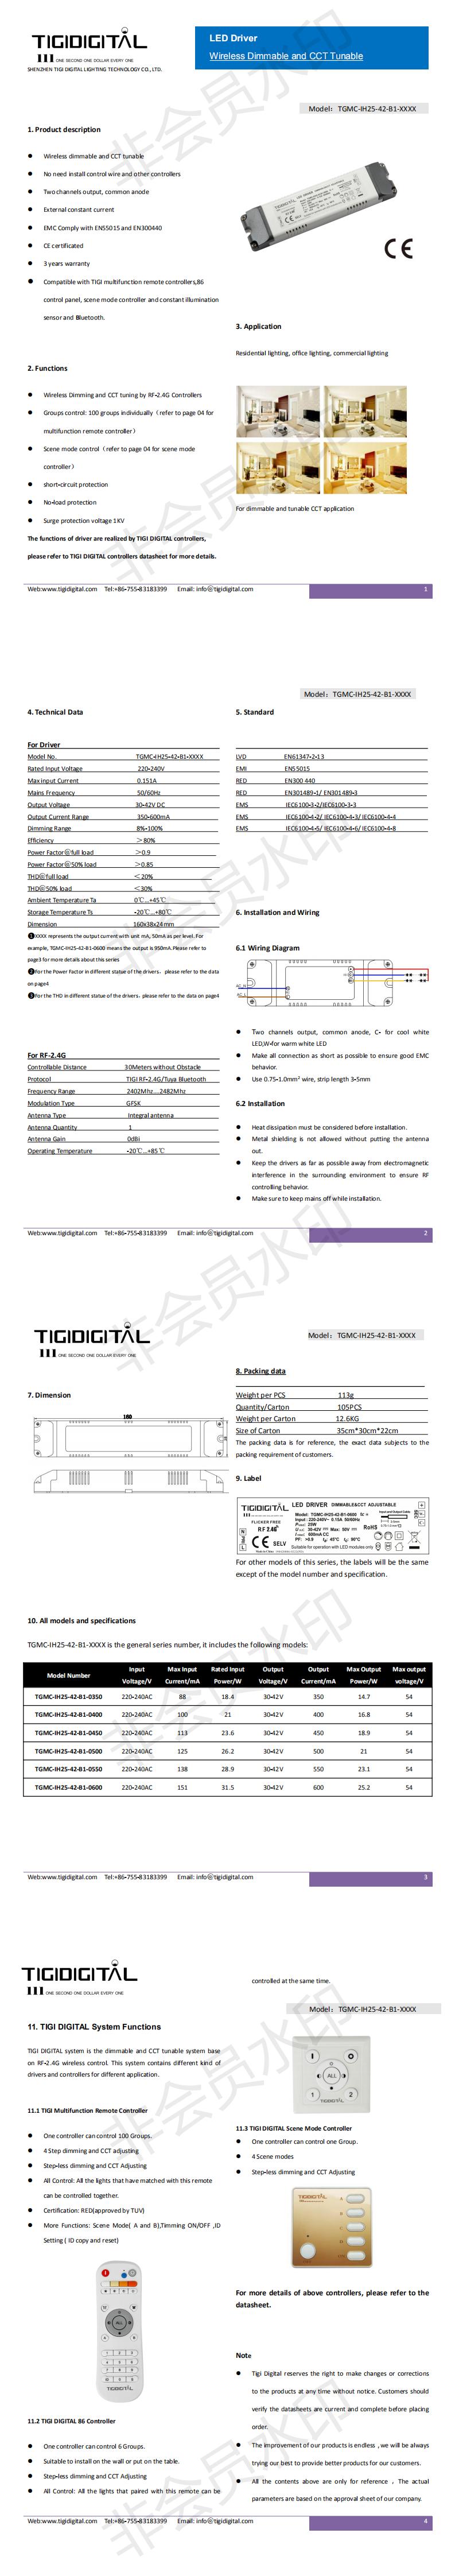 DataSheetforTGMC-IH25-42-B1-XXXX2_0